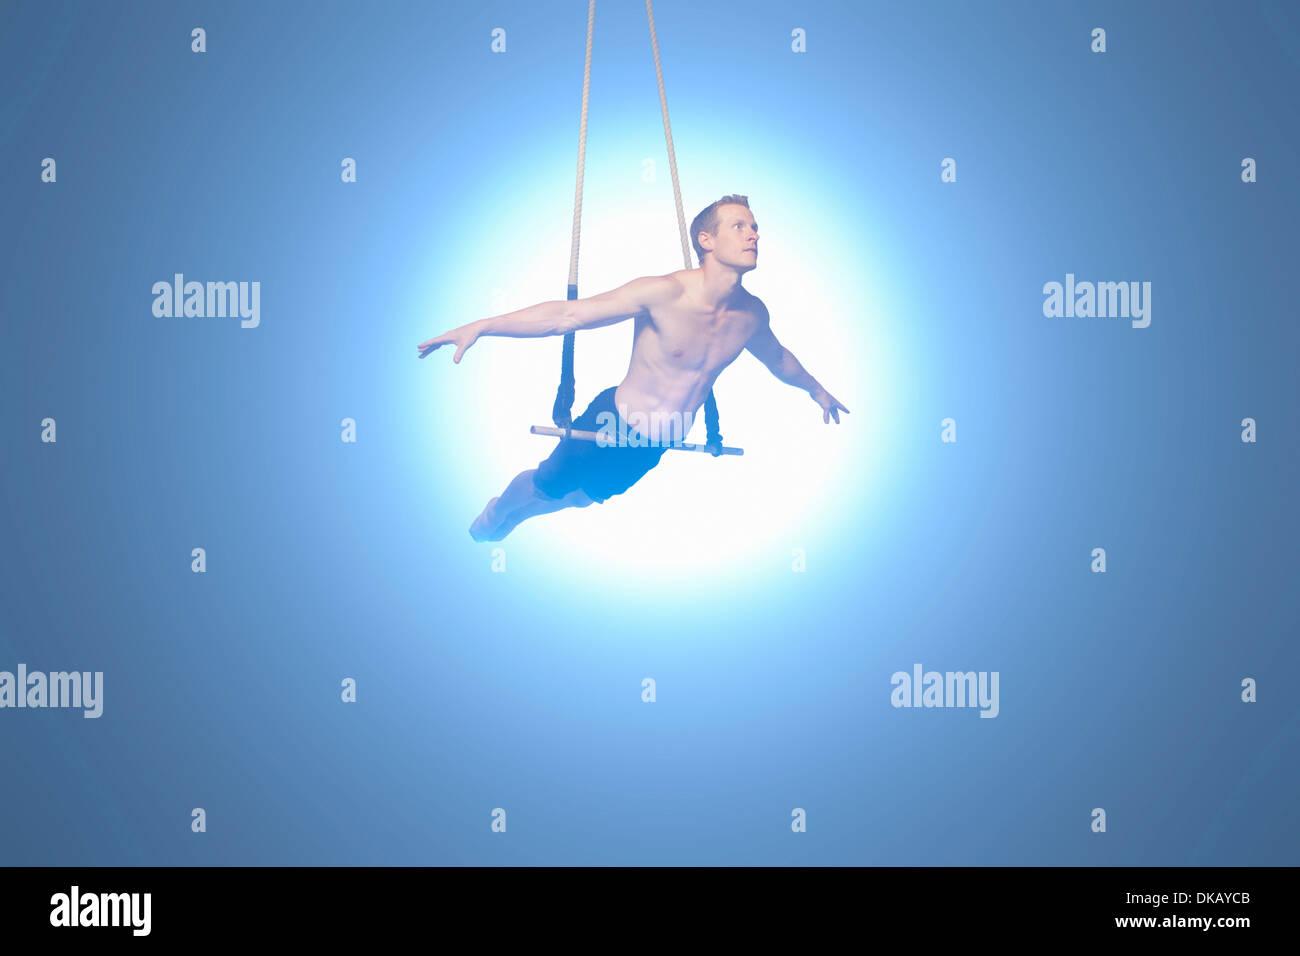 Mann, balancieren auf Trapez Stockbild